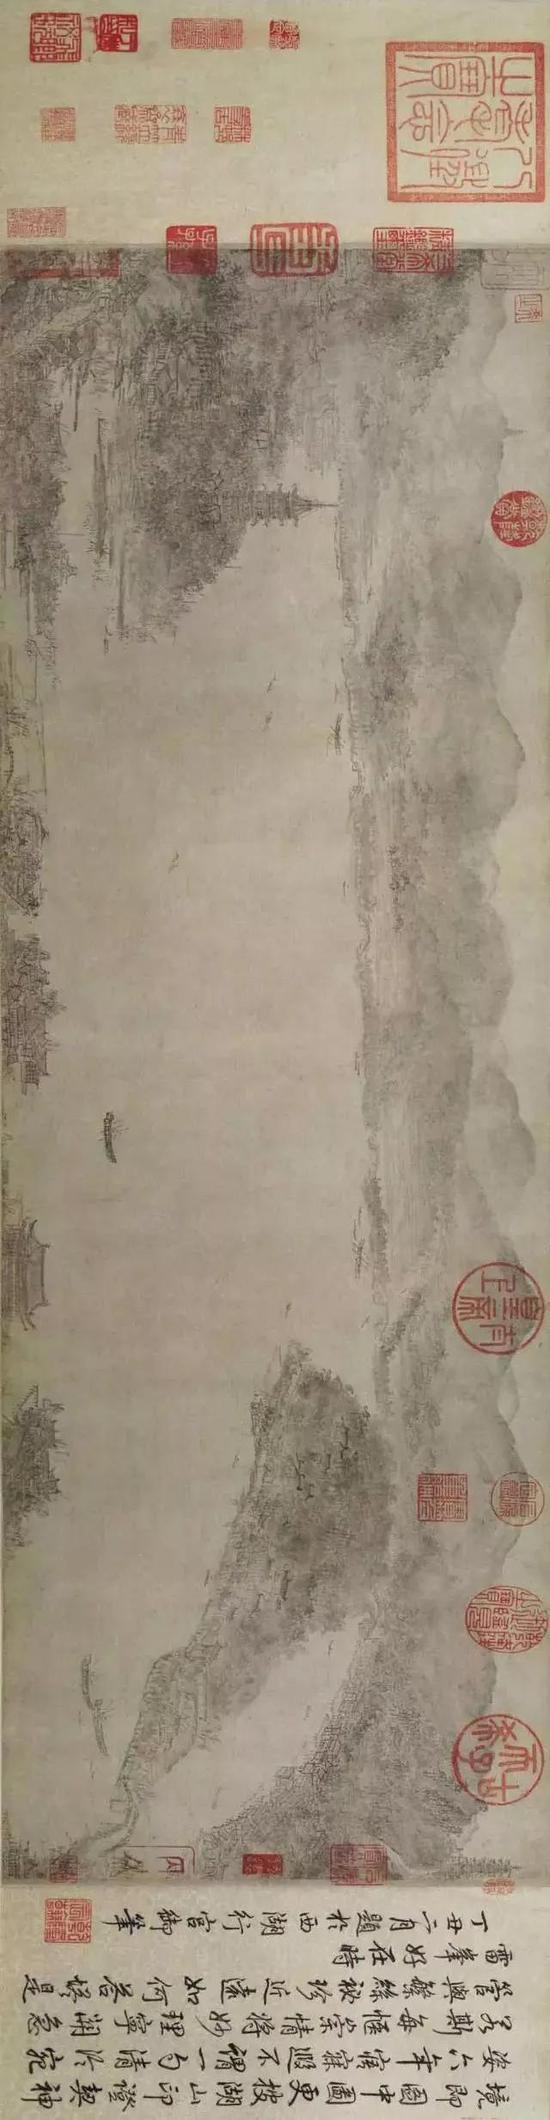 《西湖图卷》 宋 李嵩 上海博物馆藏